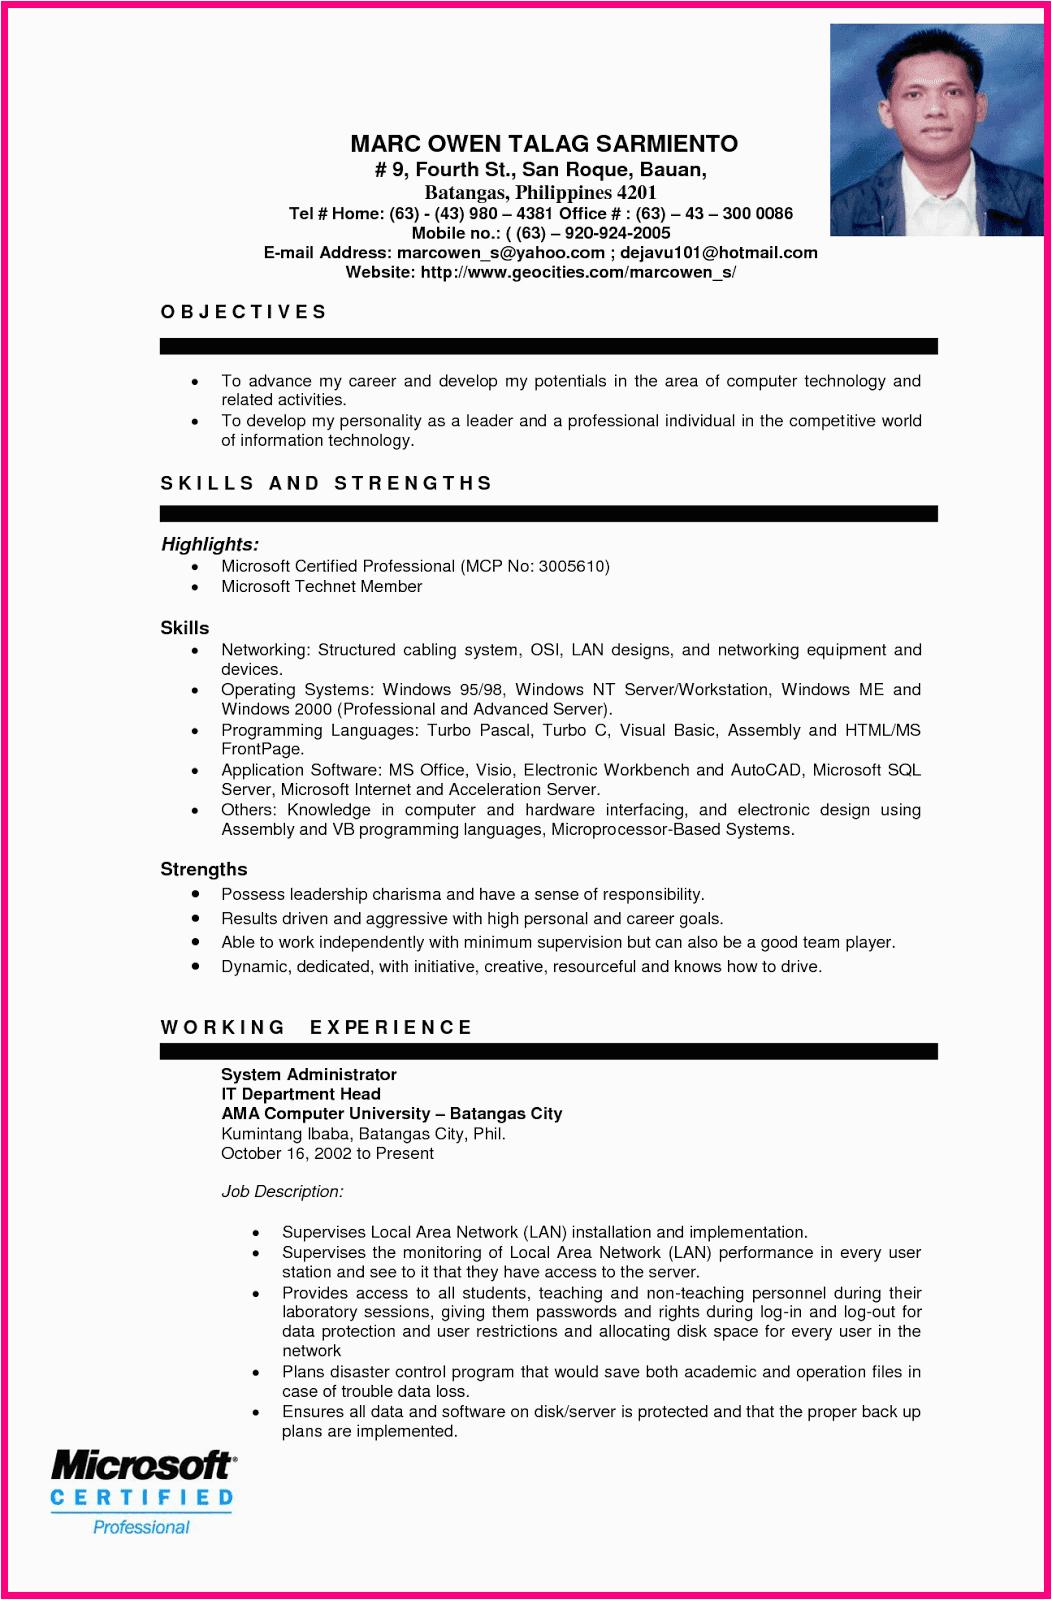 sample resume format for ojt students